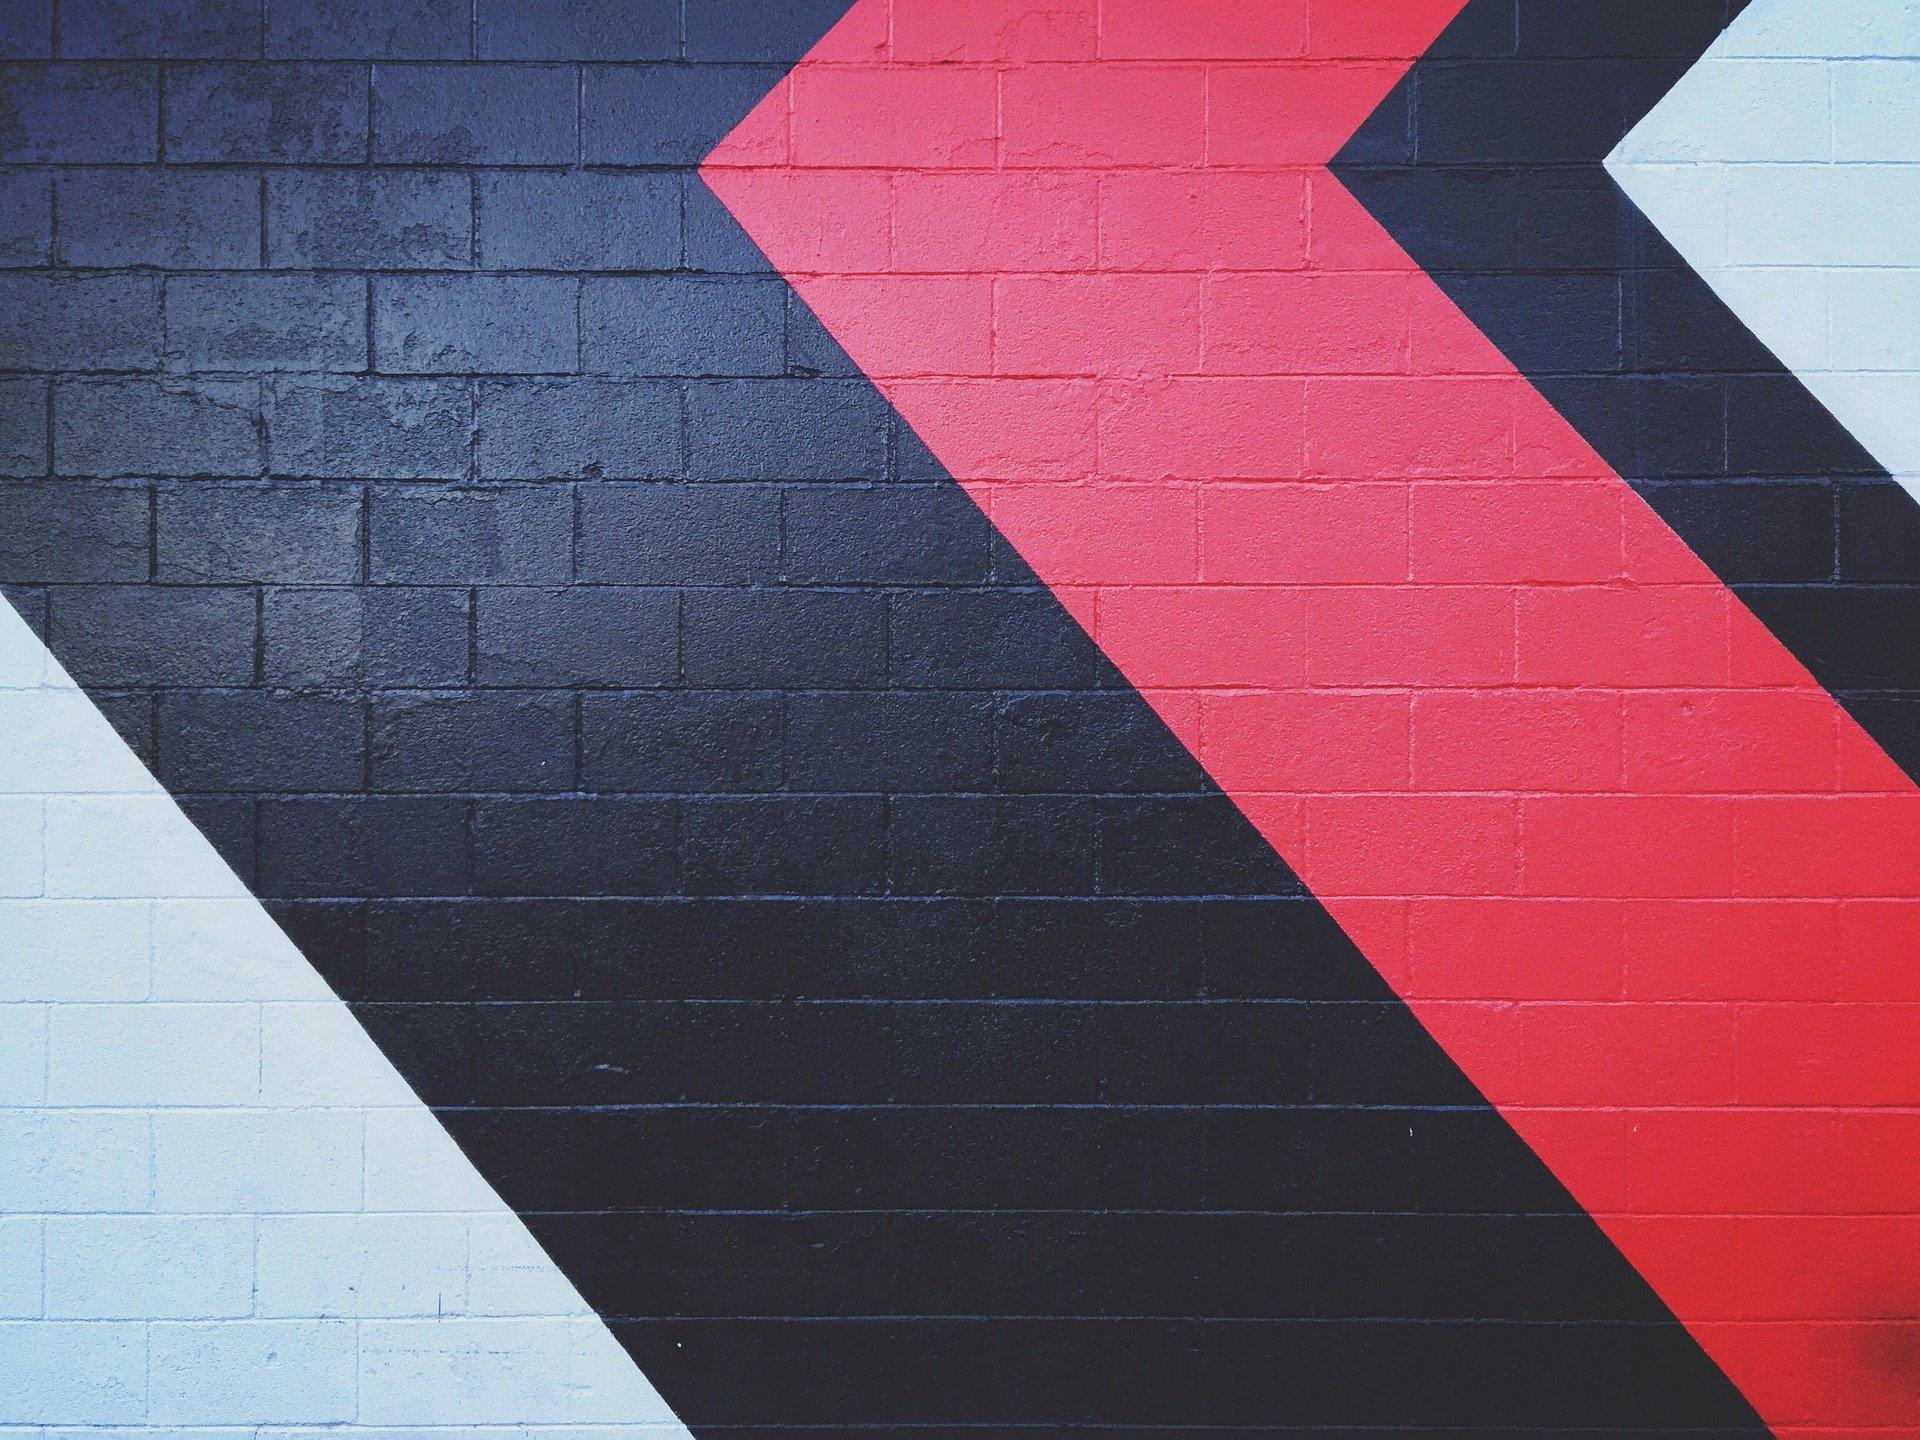 Wall Art Design – Modern Artwork For Walls!